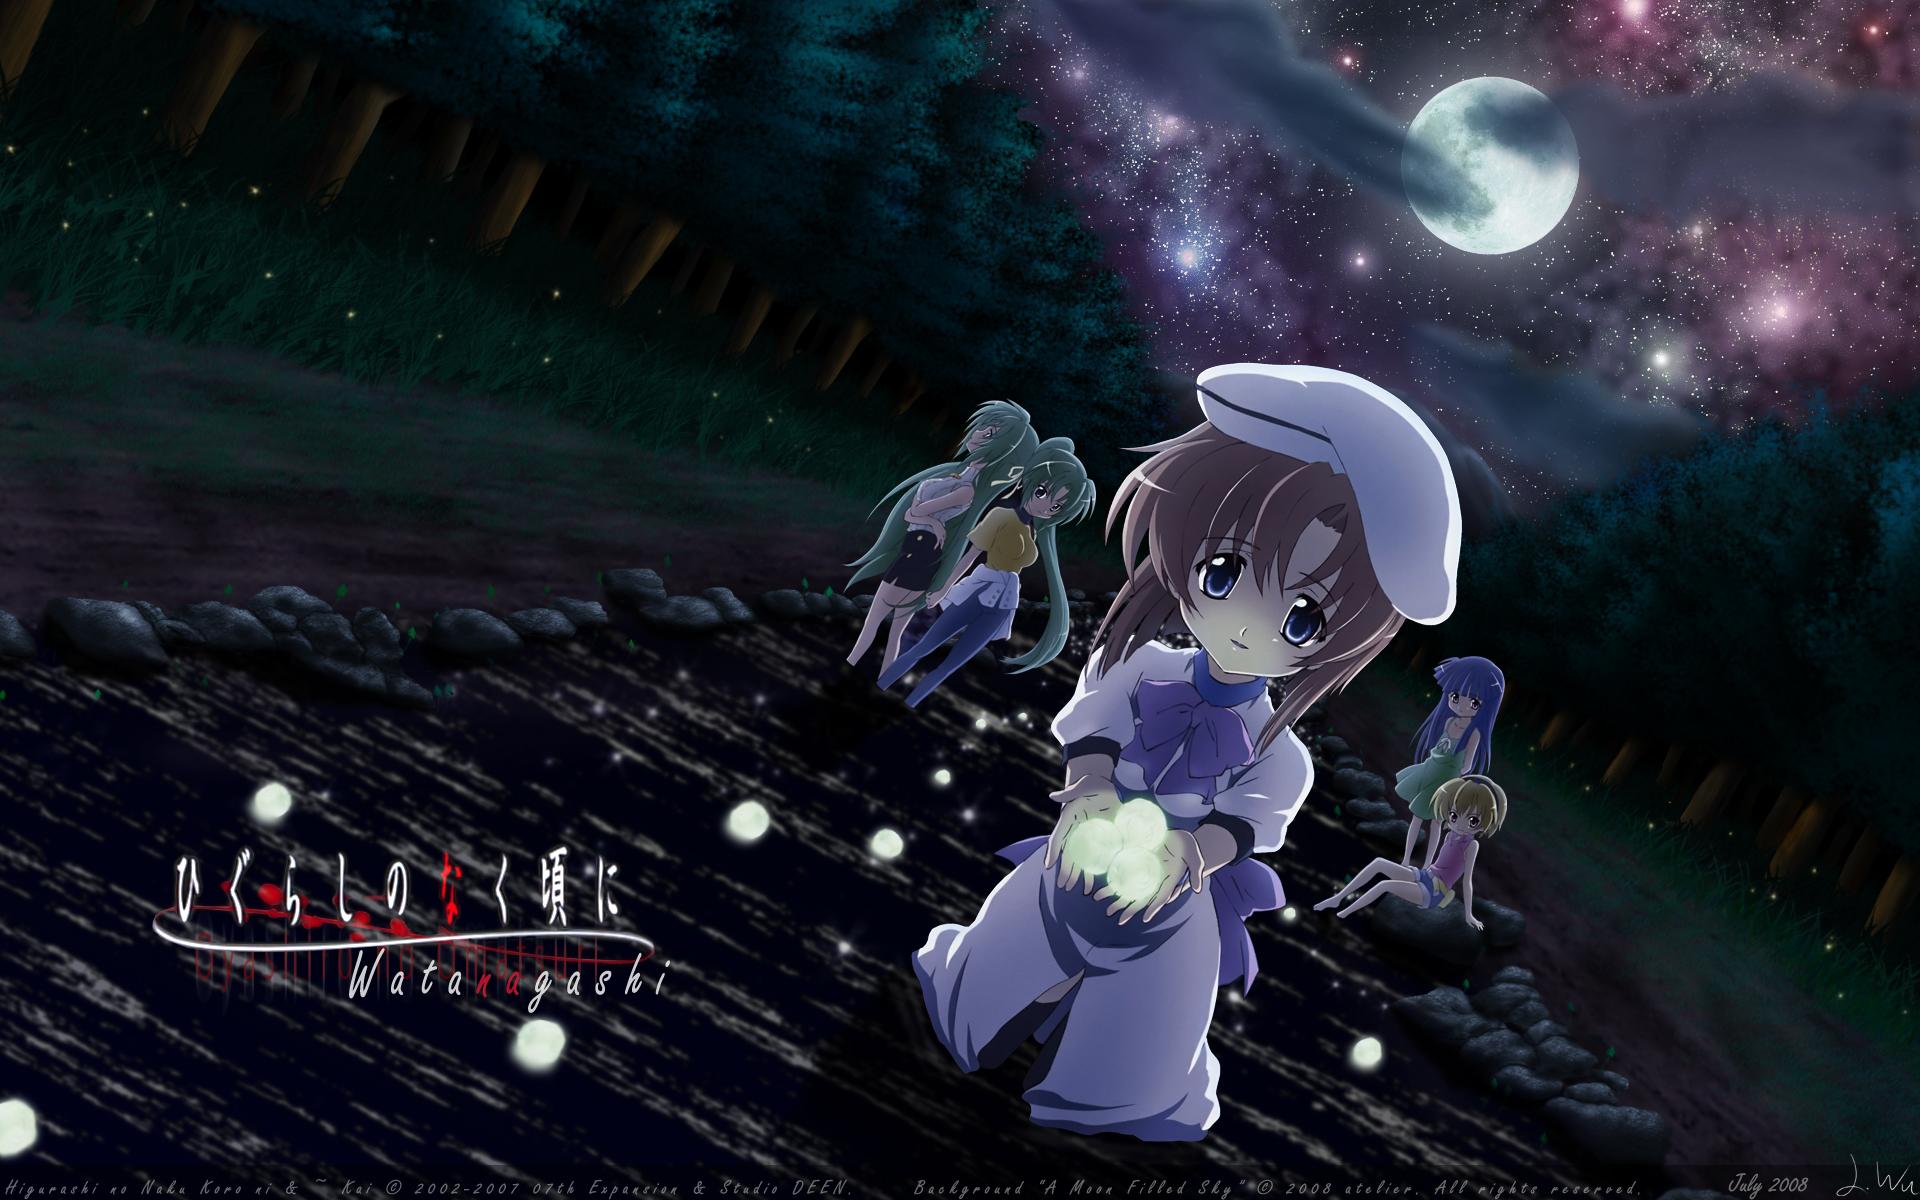 Výsledek obrázku pro higurashi no naku koro ni